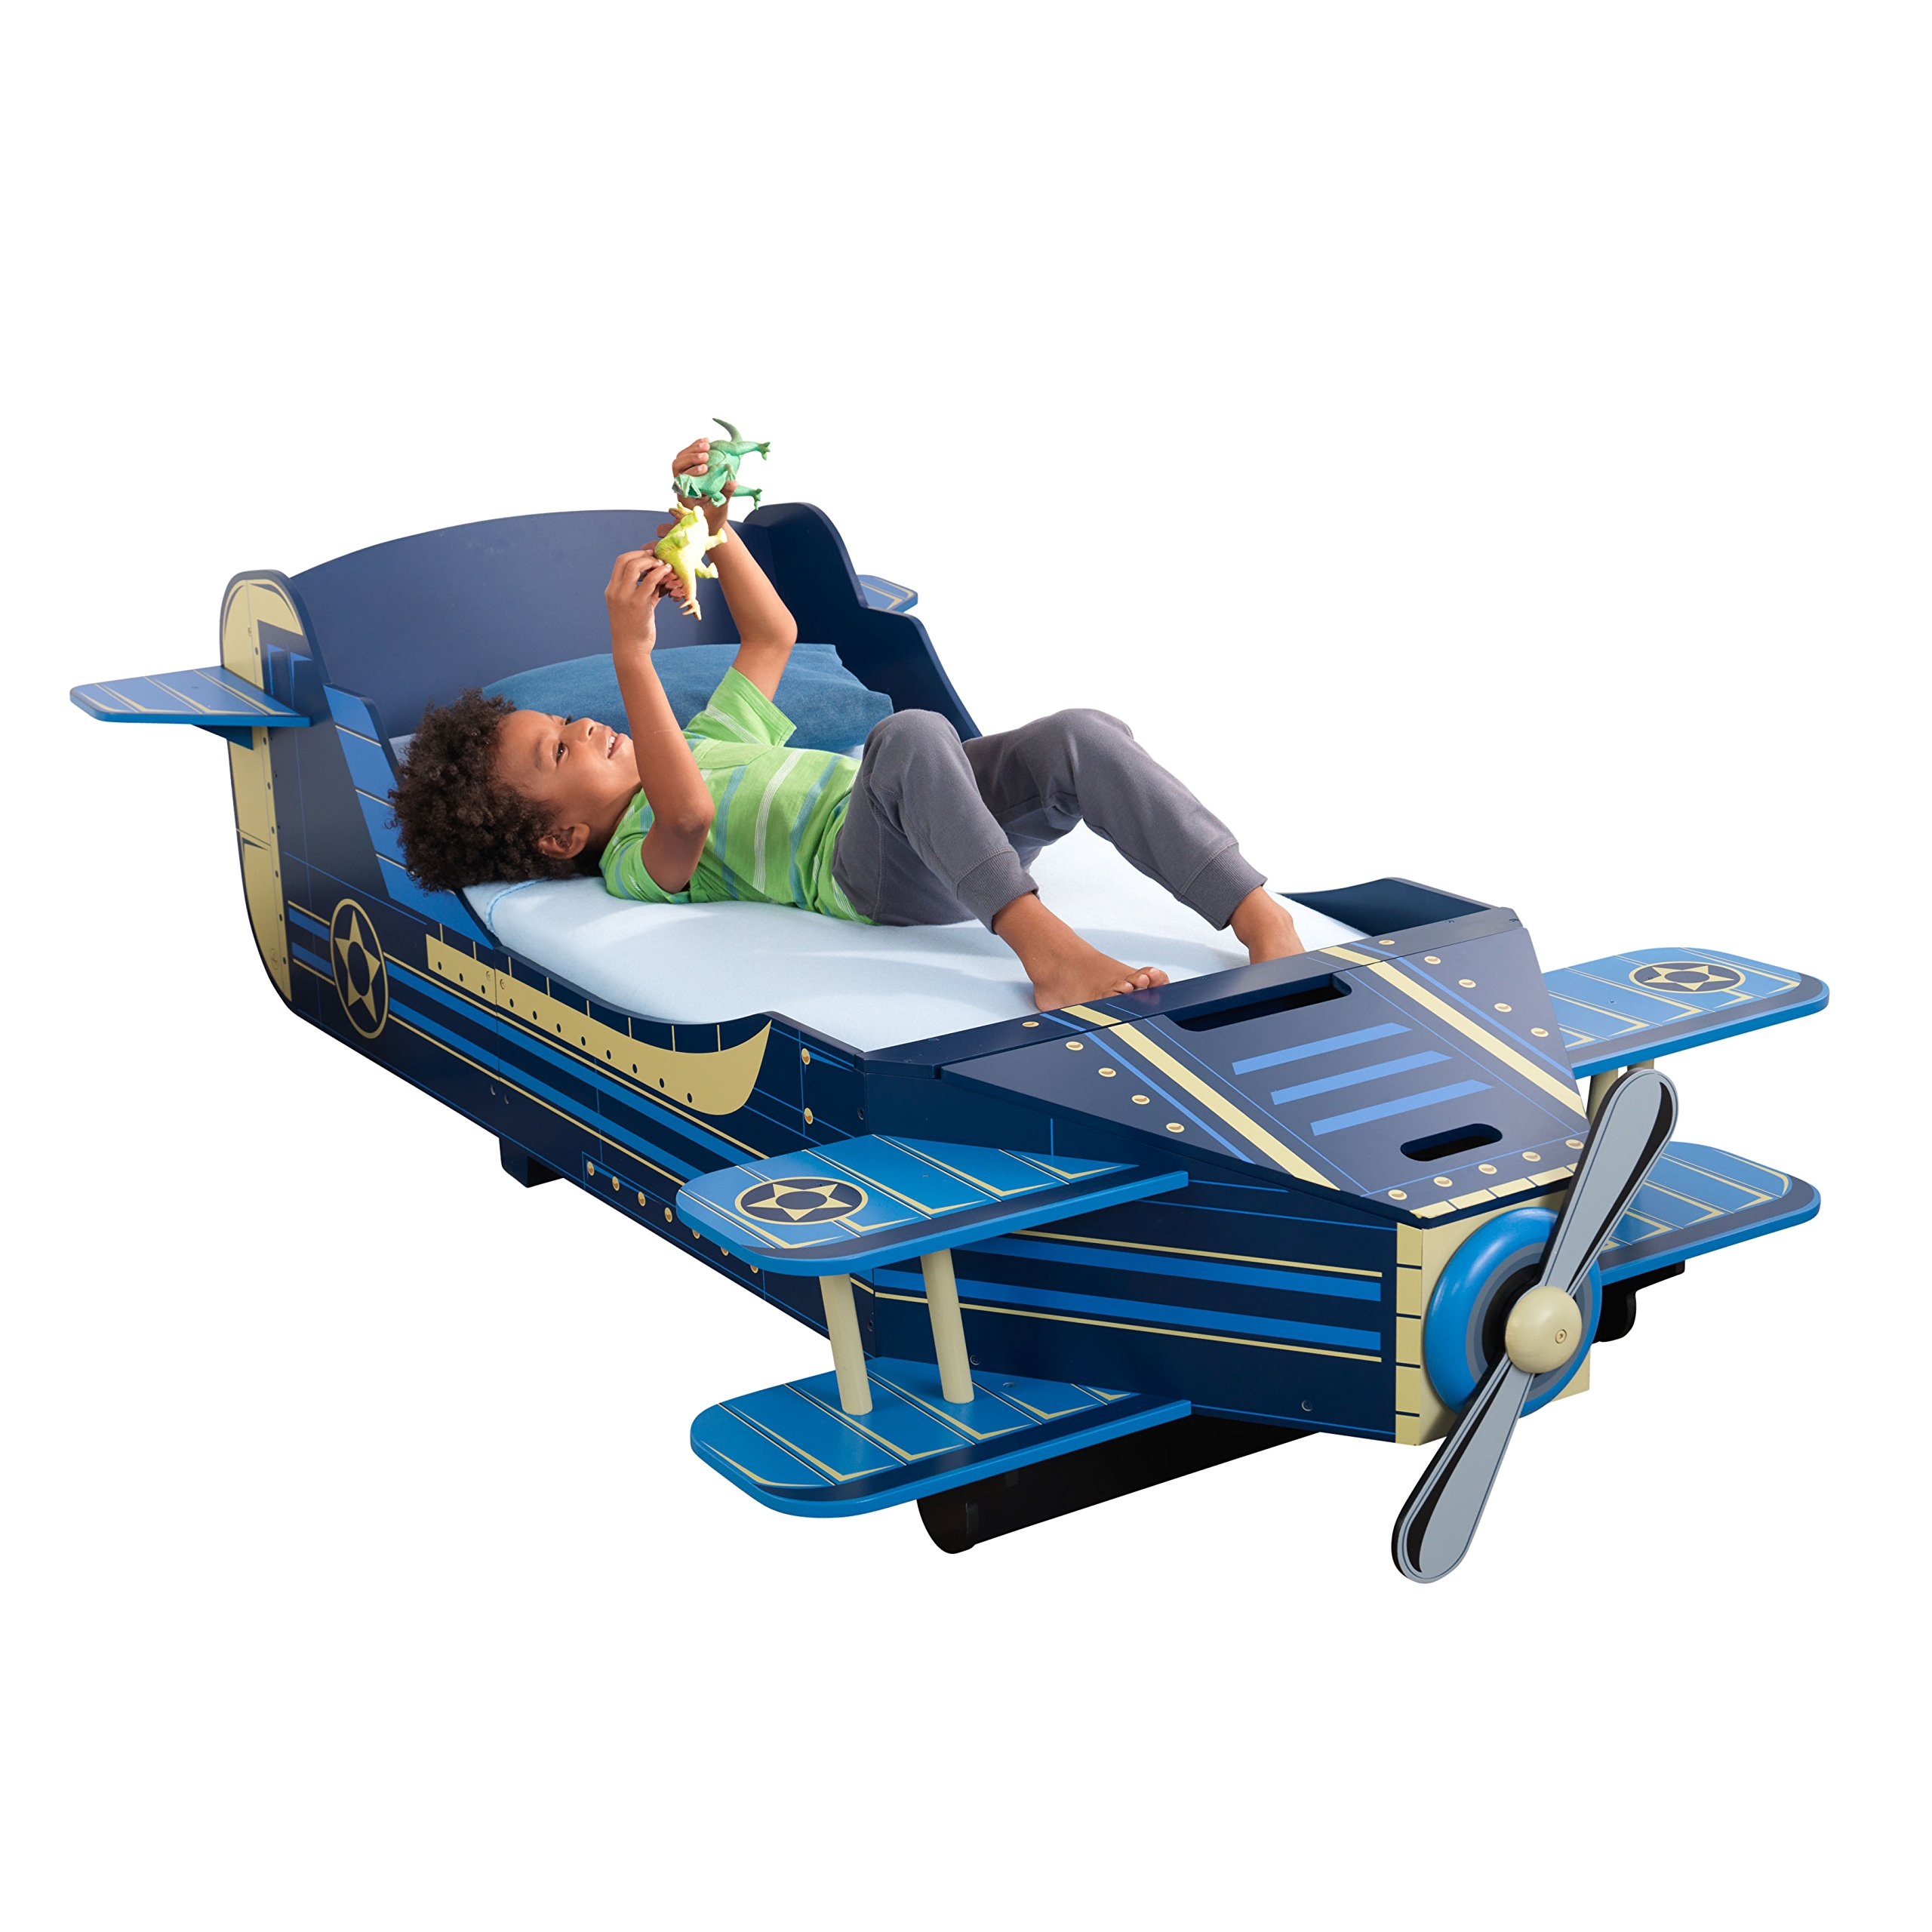 Amazon.com : Disney Planes Own The Skies Toddler Set, 4 ...